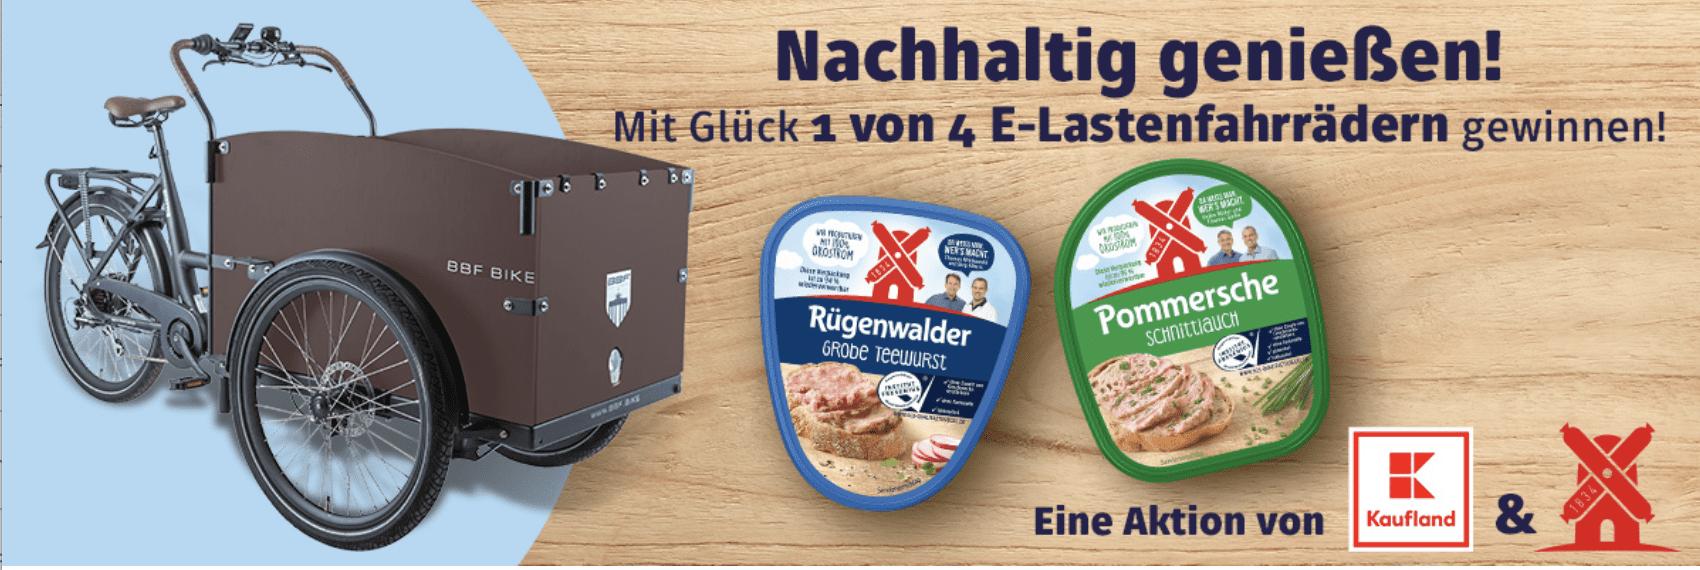 Gewinnspiel-Cases FMCG Food Rügenwalder Kaufland